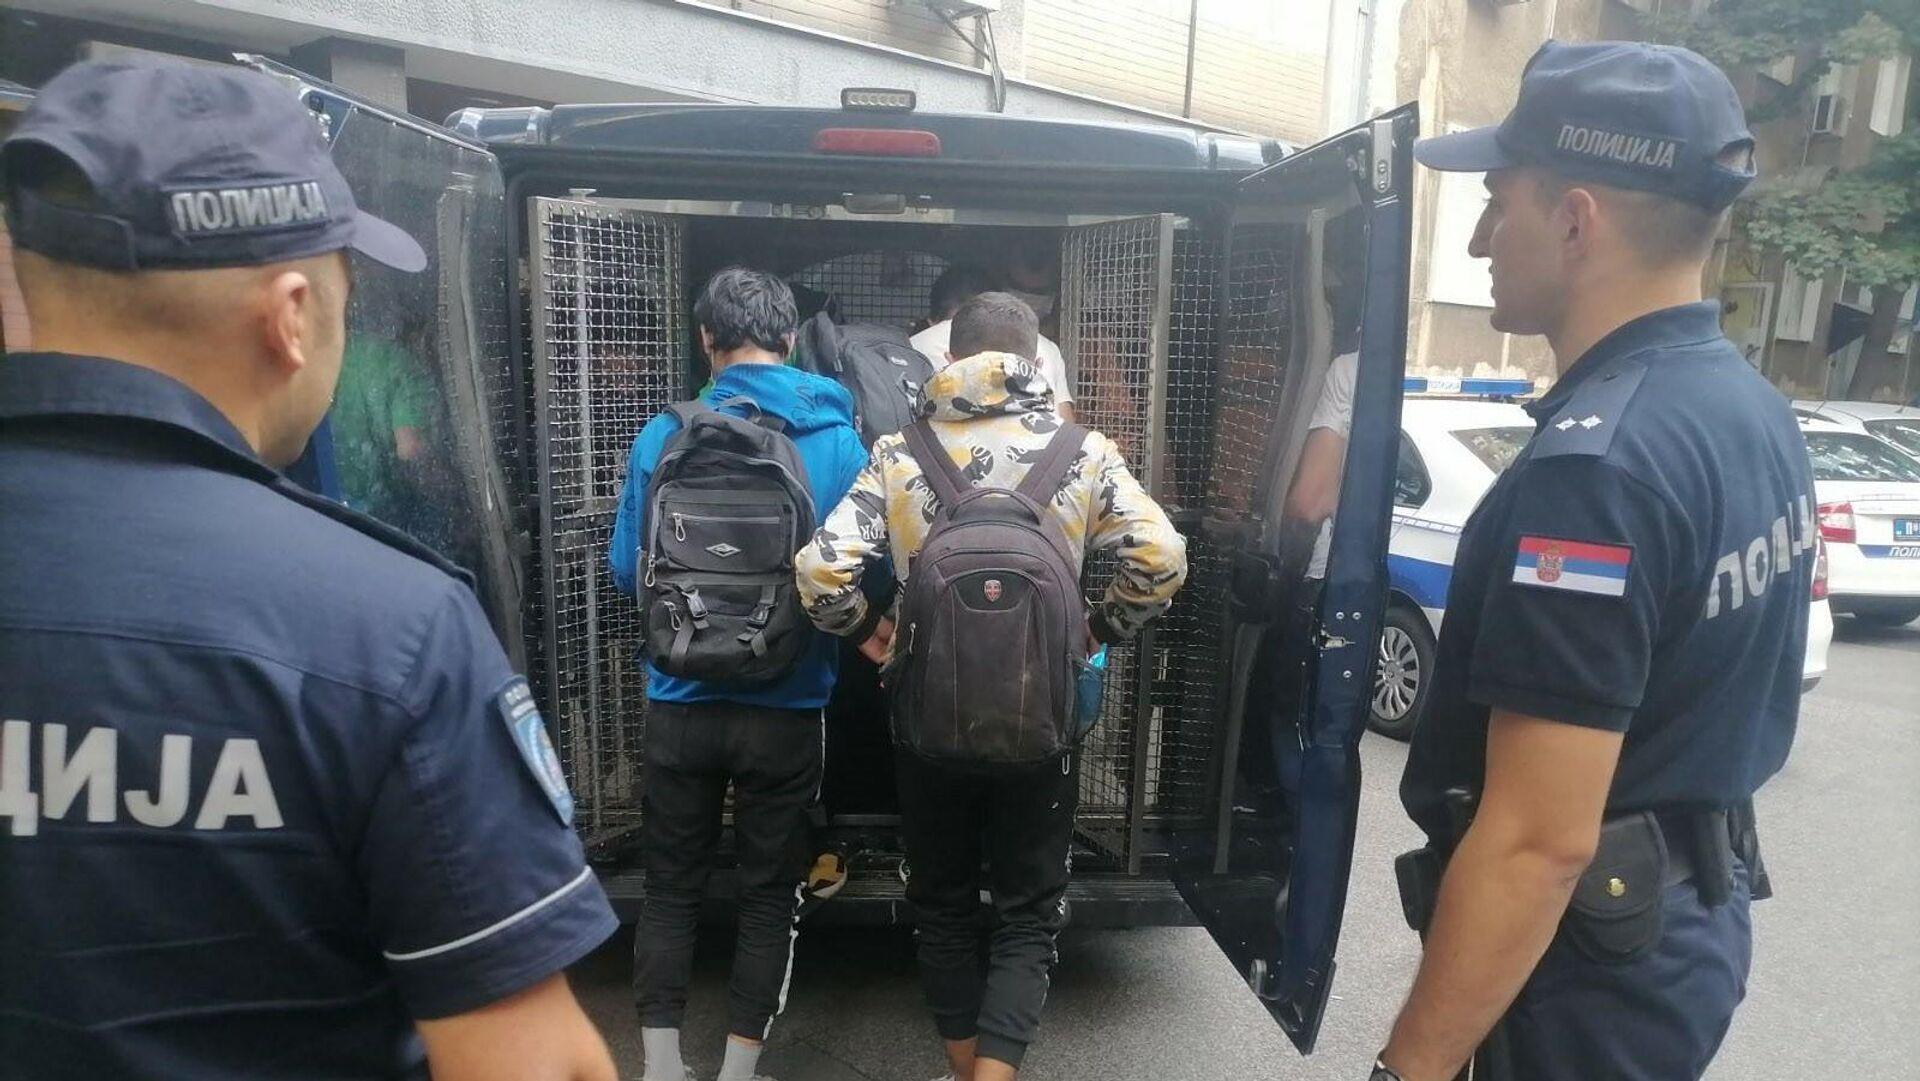 Београдска полиција спроводи илегалне мигранте у прихватни центар - Sputnik Србија, 1920, 09.09.2021